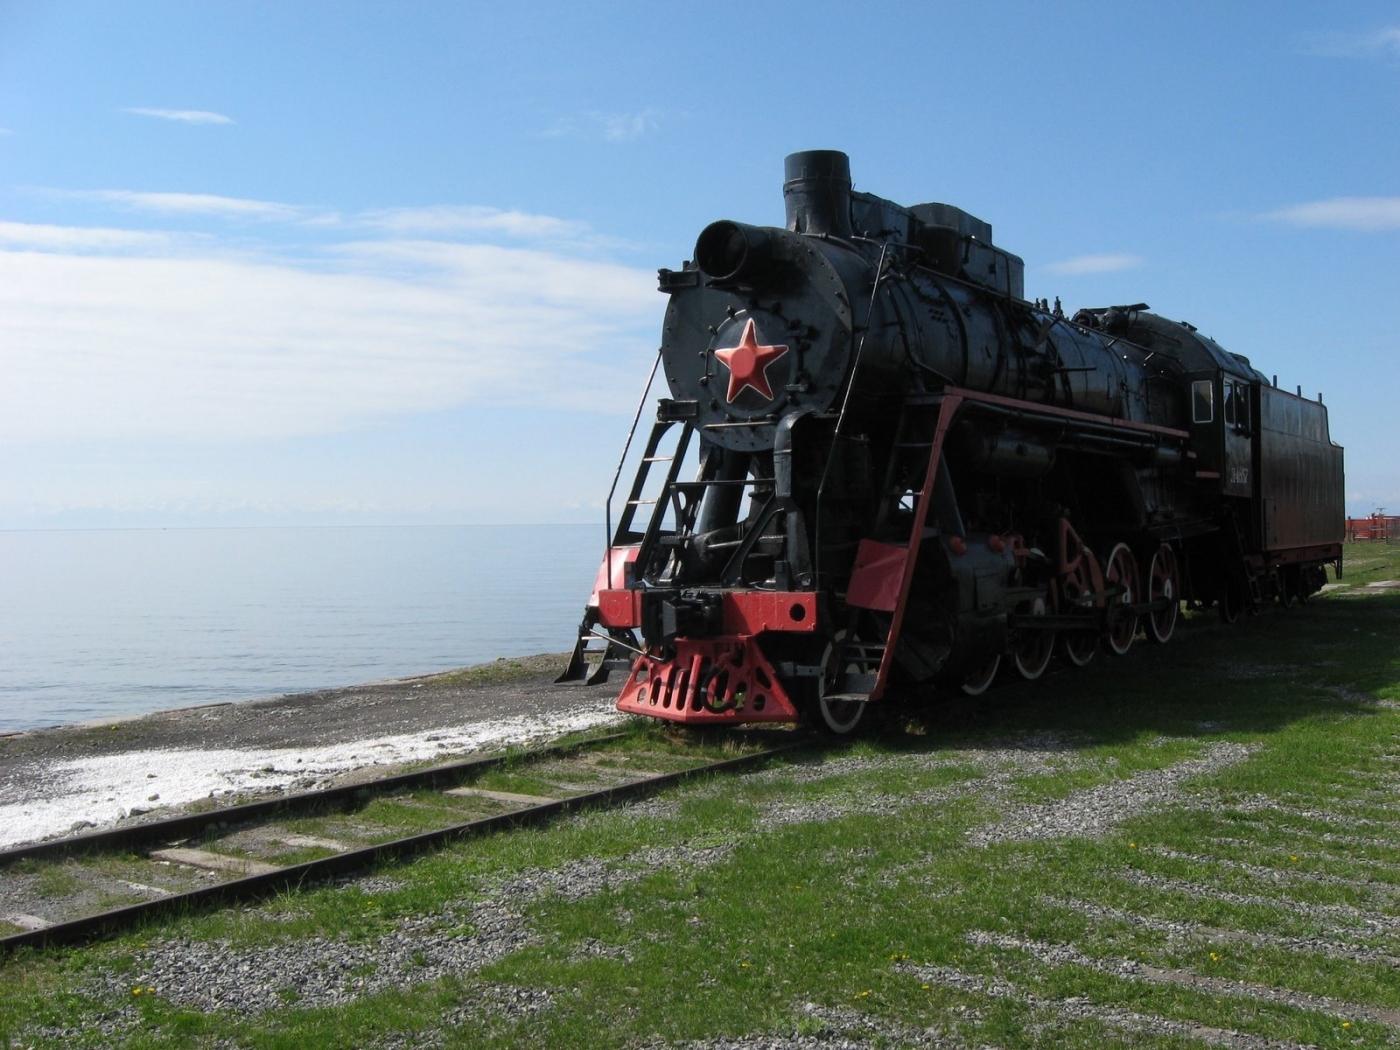 39548壁紙のダウンロード輸送, 列車-スクリーンセーバーと写真を無料で